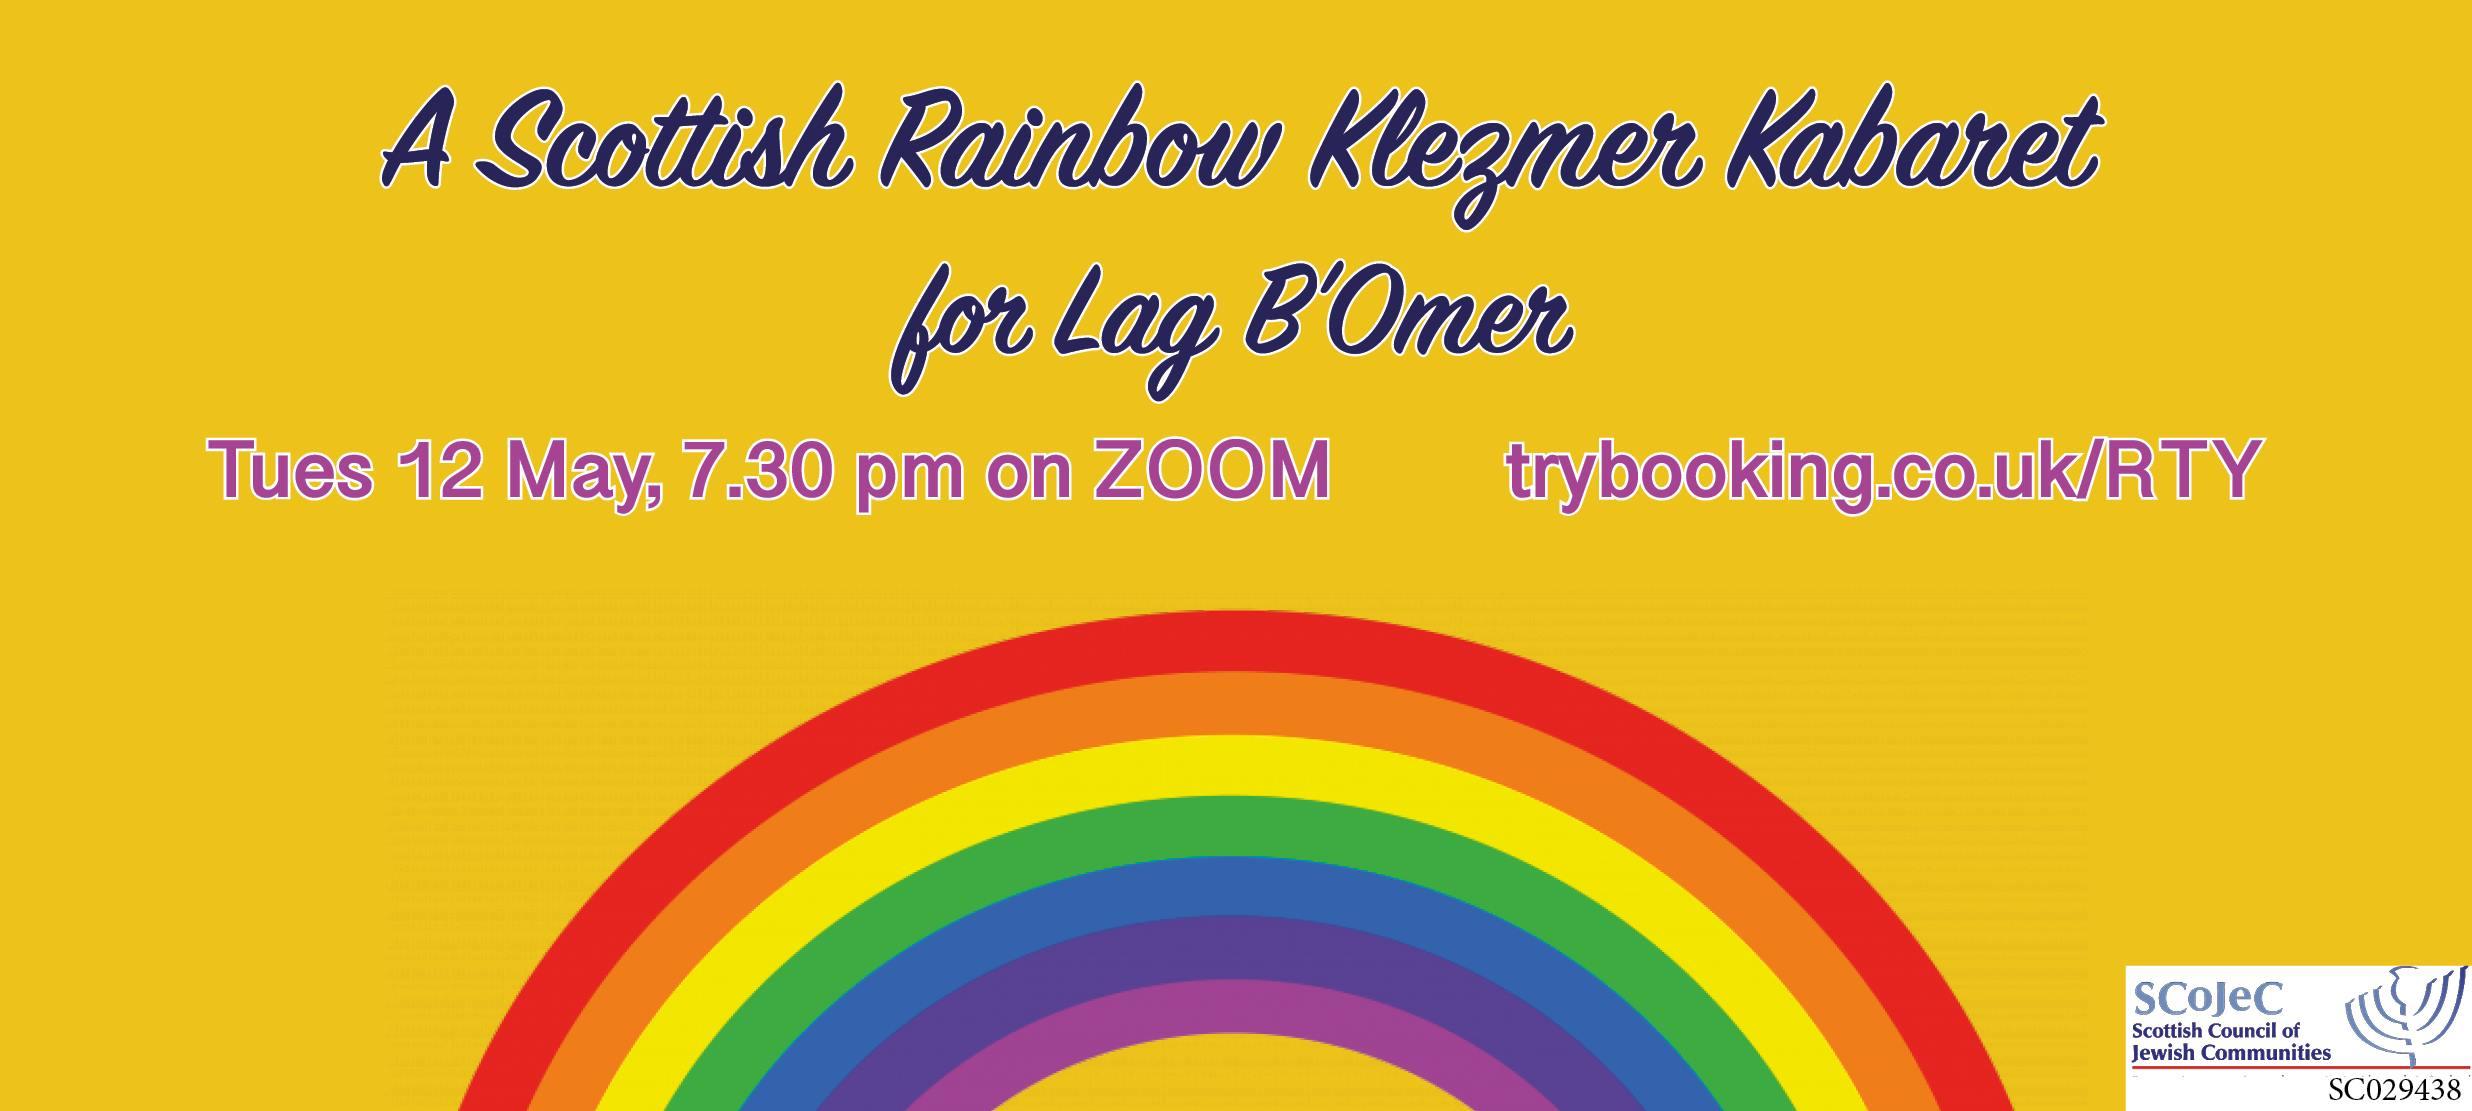 A Scottish Rainbow Klezmer Kabaret for Lag B'Omer